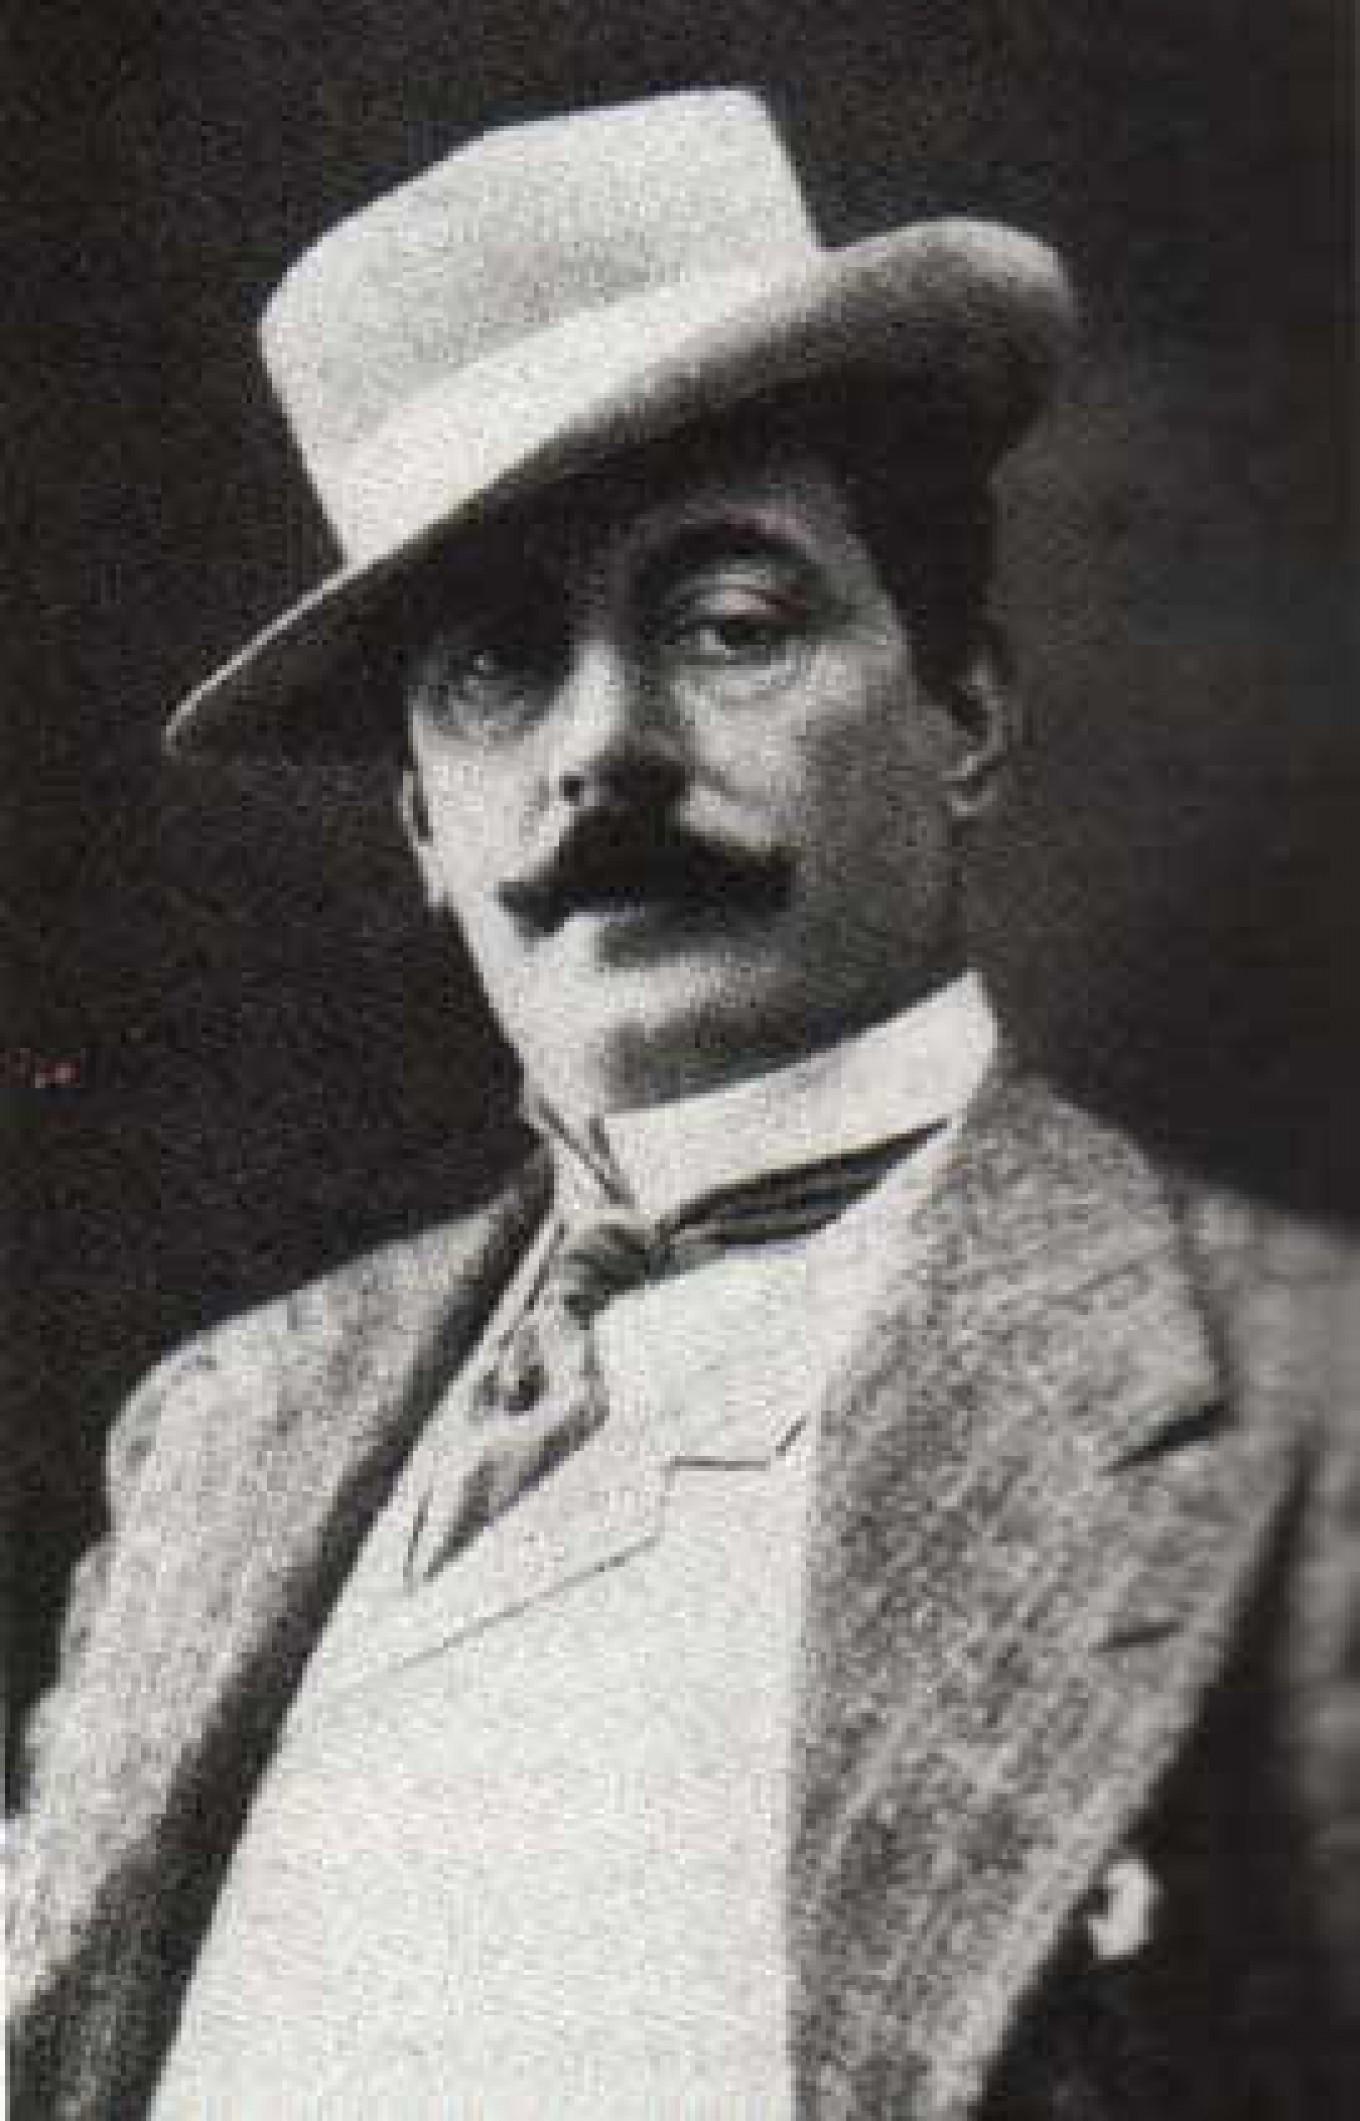 G. Puccini